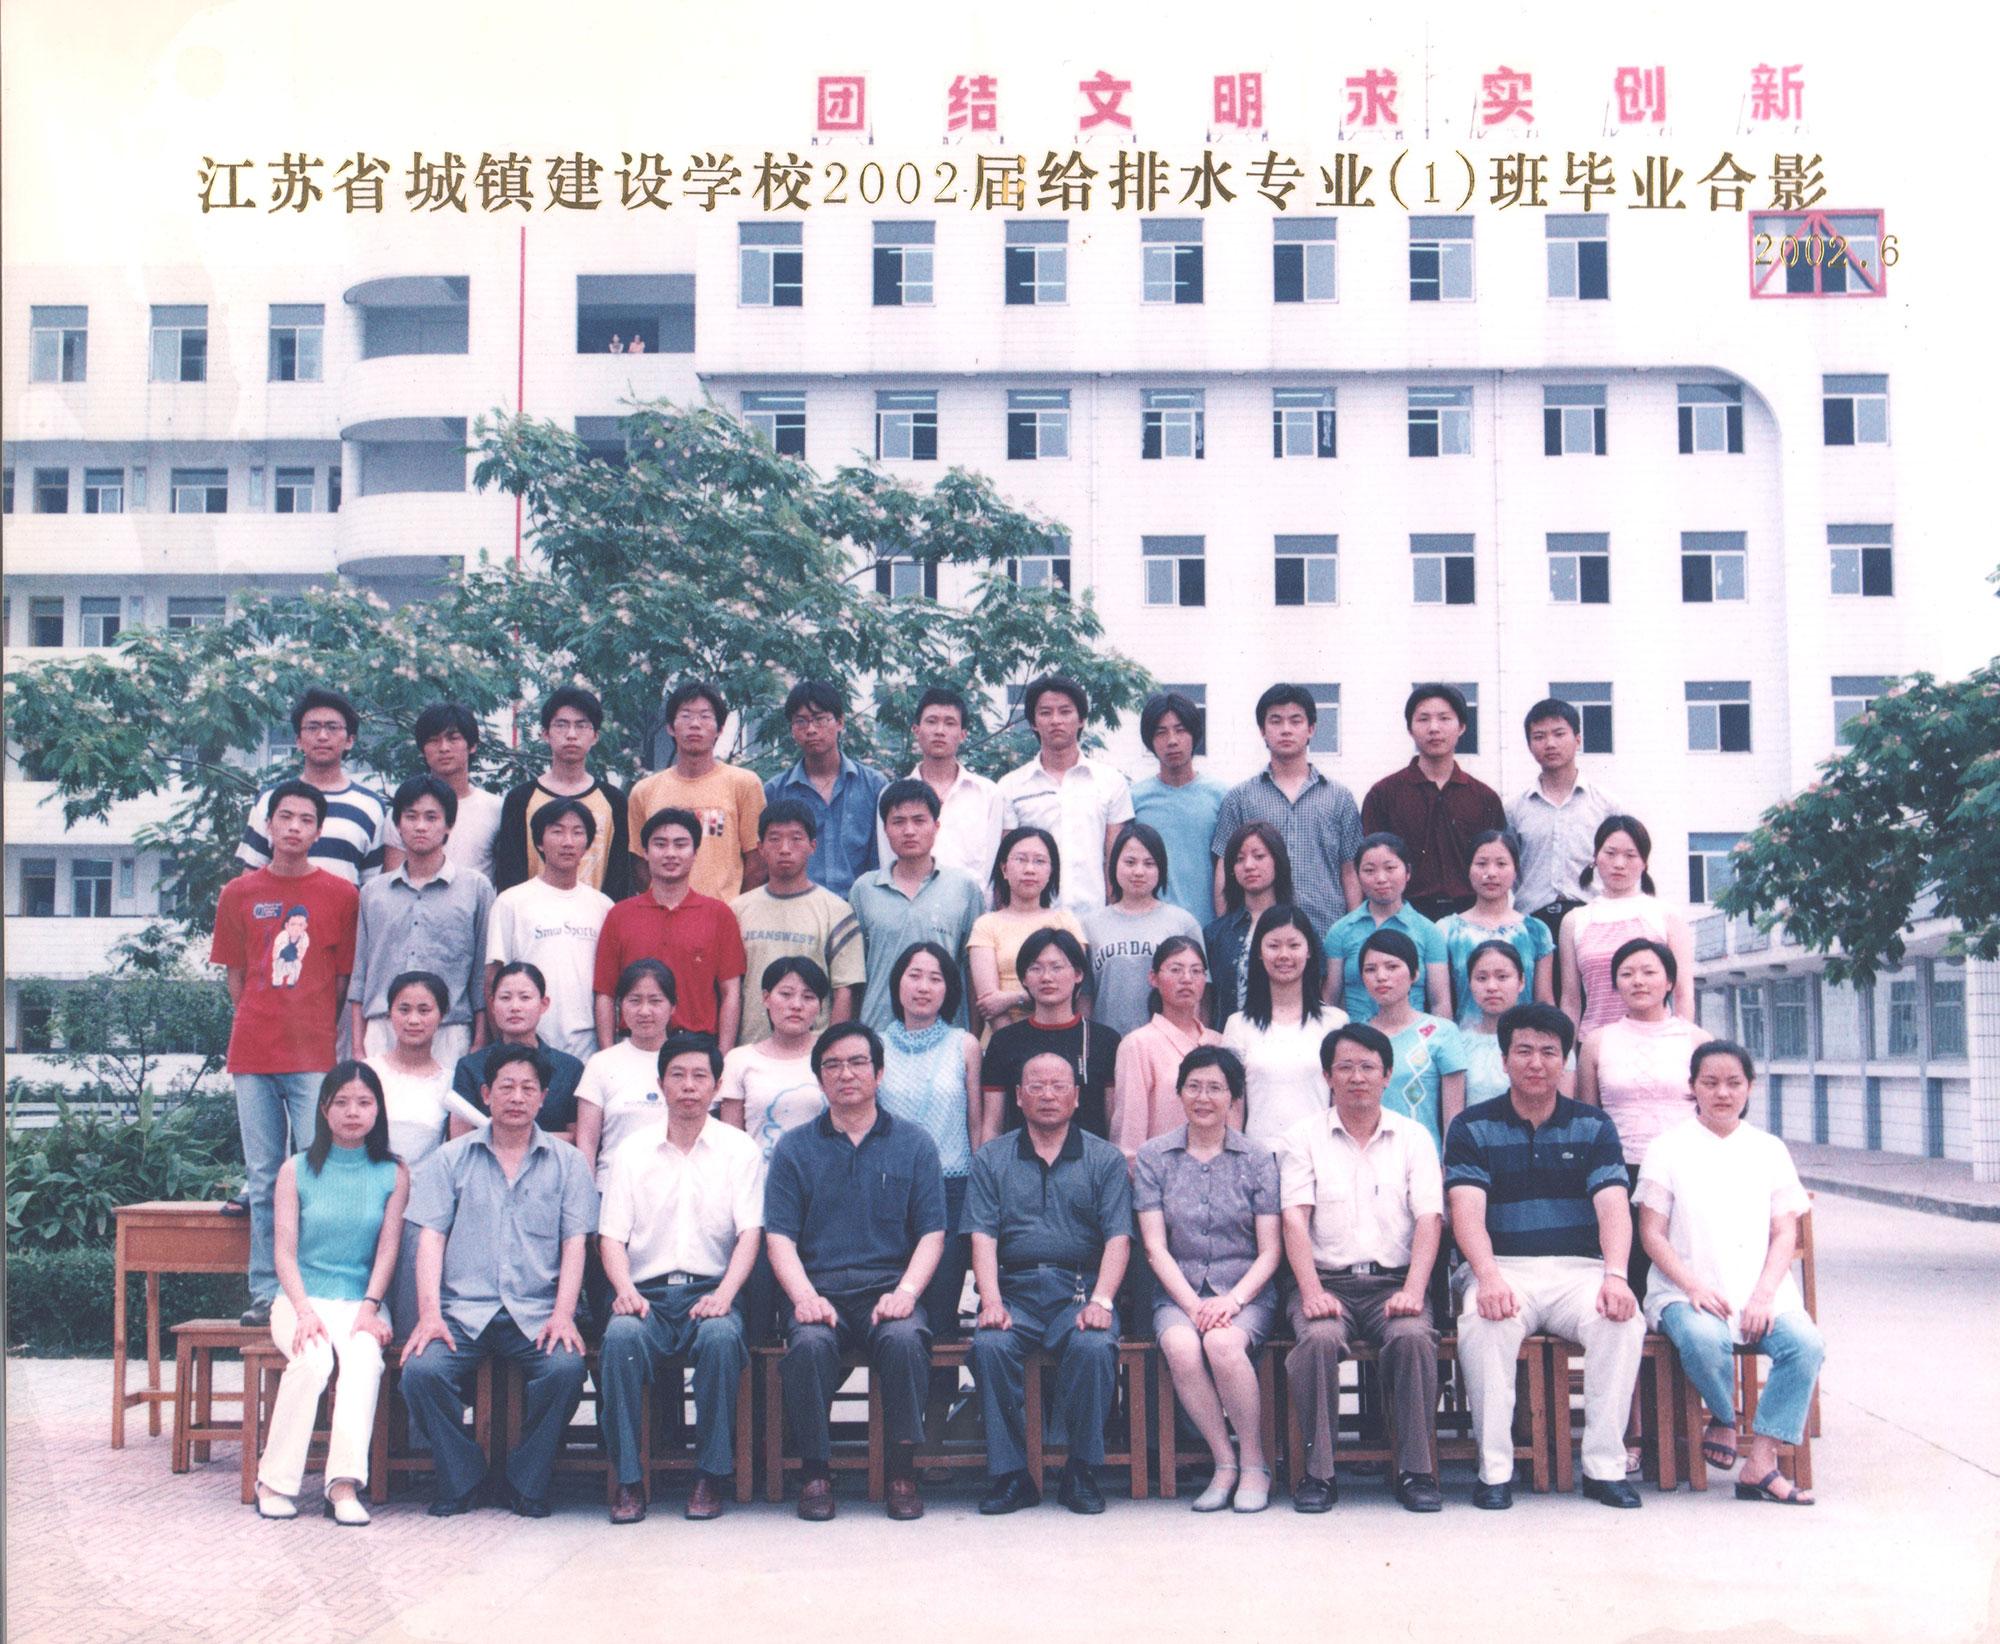 2002届给排水专业(1)班毕业合影